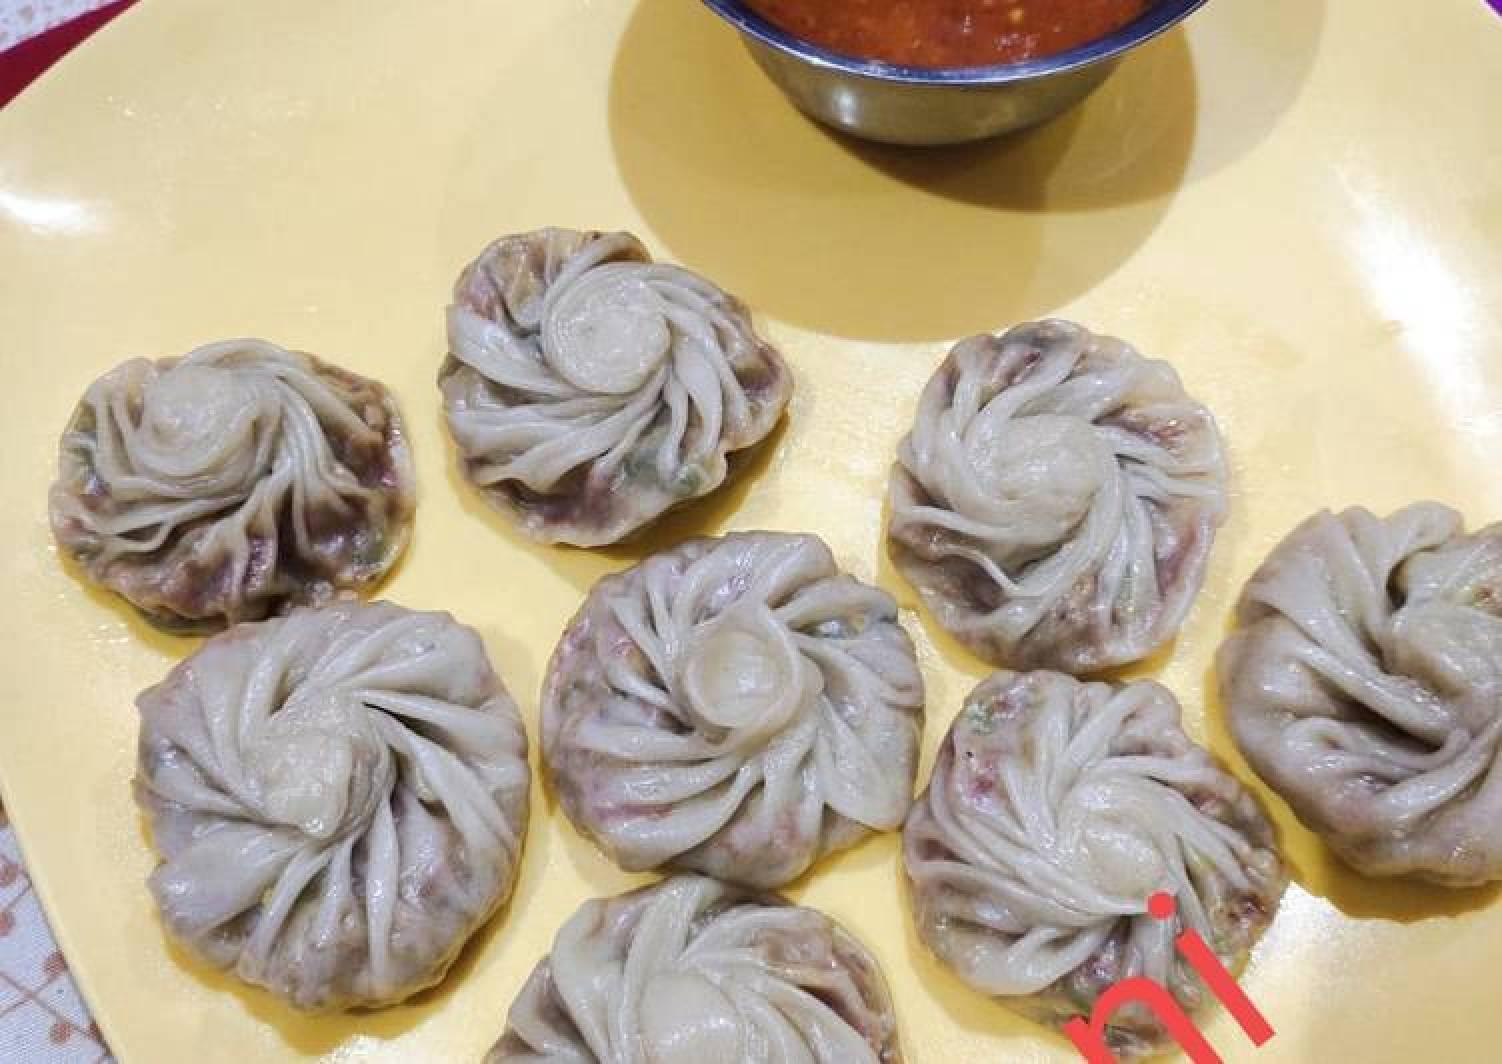 Momos or dumplings